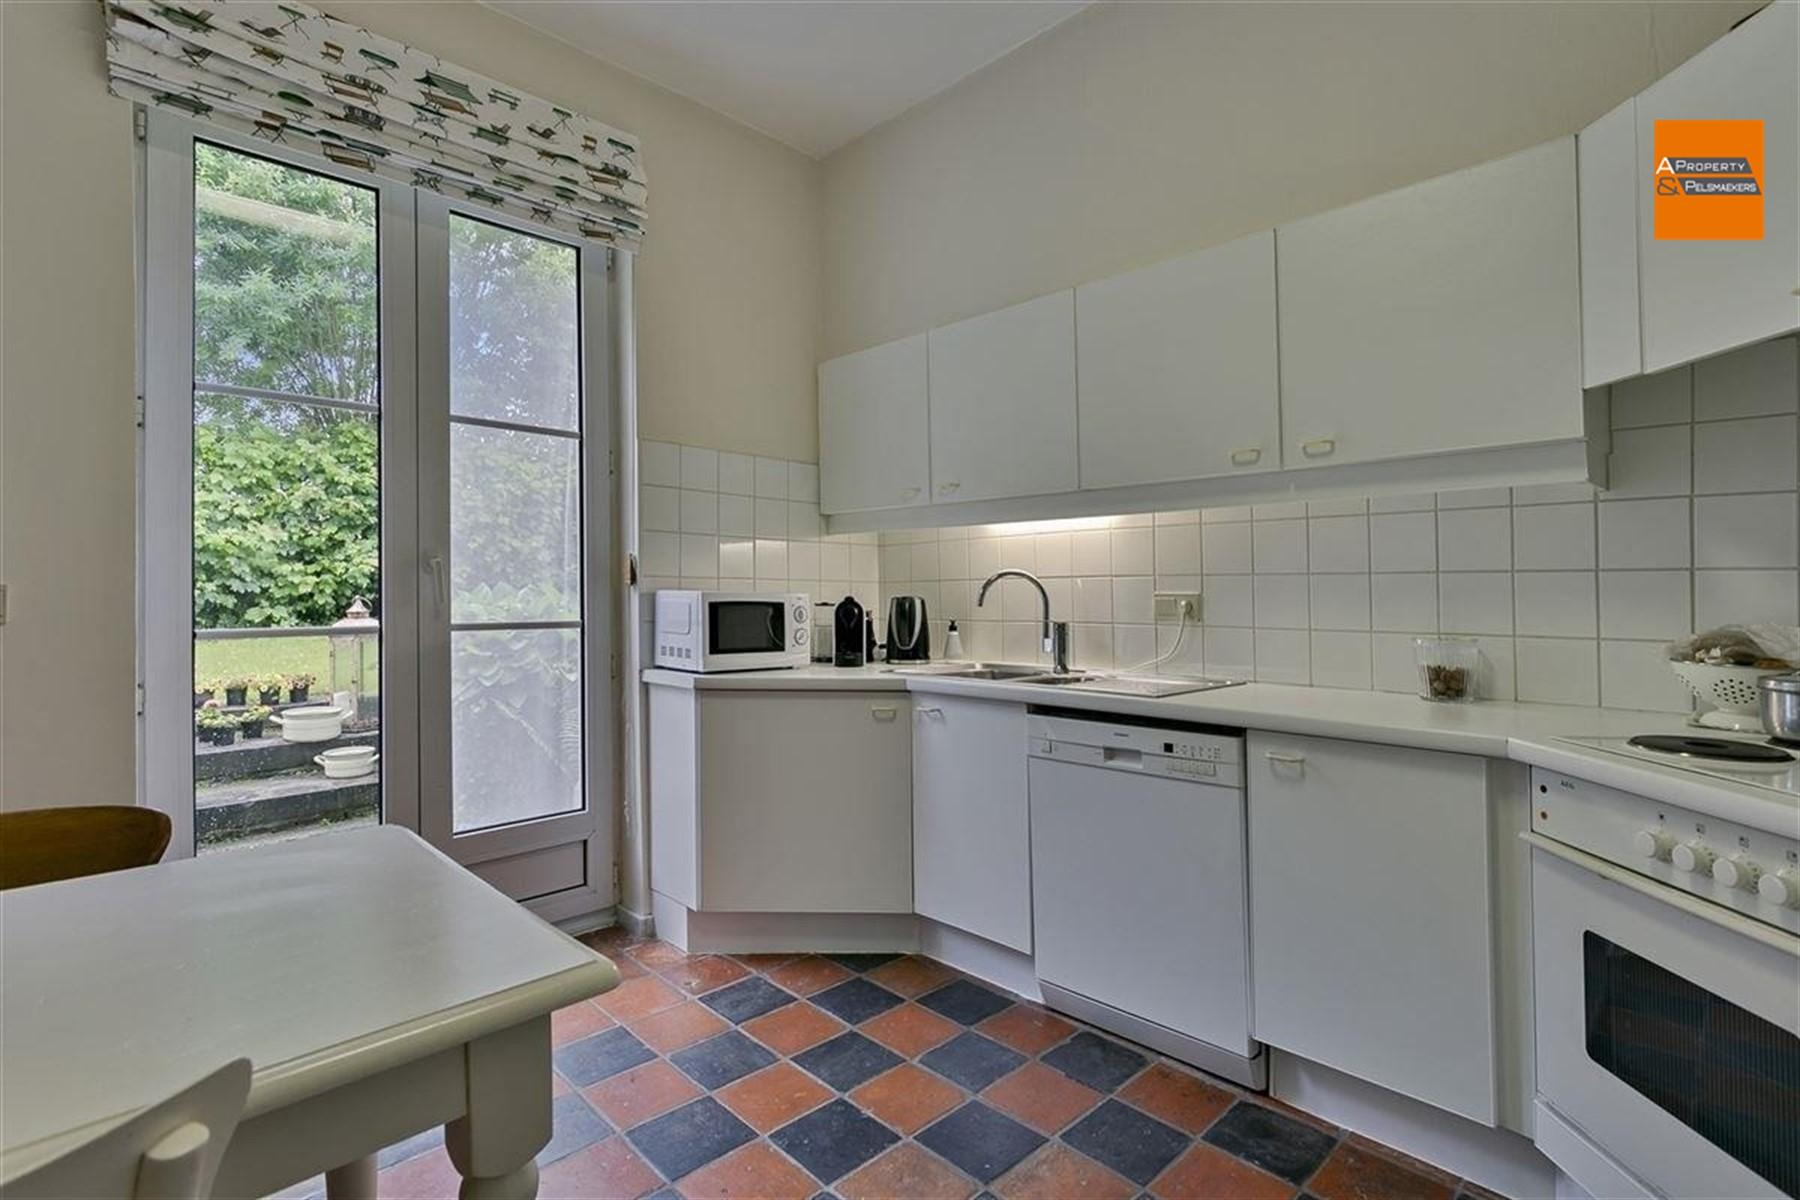 Foto 17 : Uitzonderlijk vastgoed in 3060 BERTEM (België) - Prijs € 1.295.000